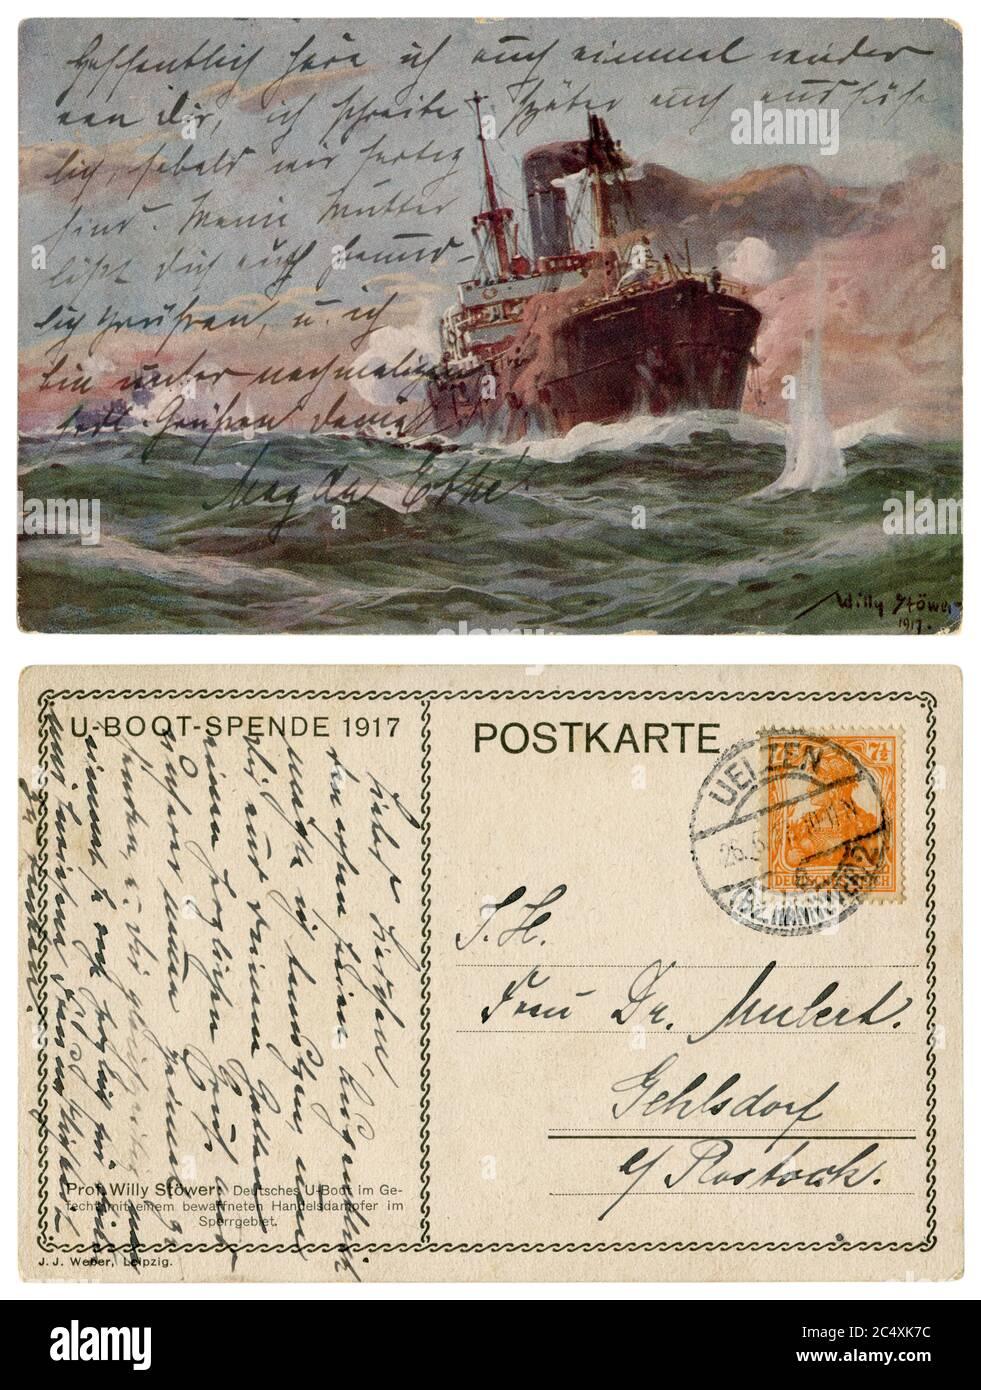 Carte postale historique allemande : sous-marin allemand à l'escarmouche d'un marchand de vapeur armé dans la zone restreinte, Marine impériale allemande, 1917, à l'envers. Banque D'Images